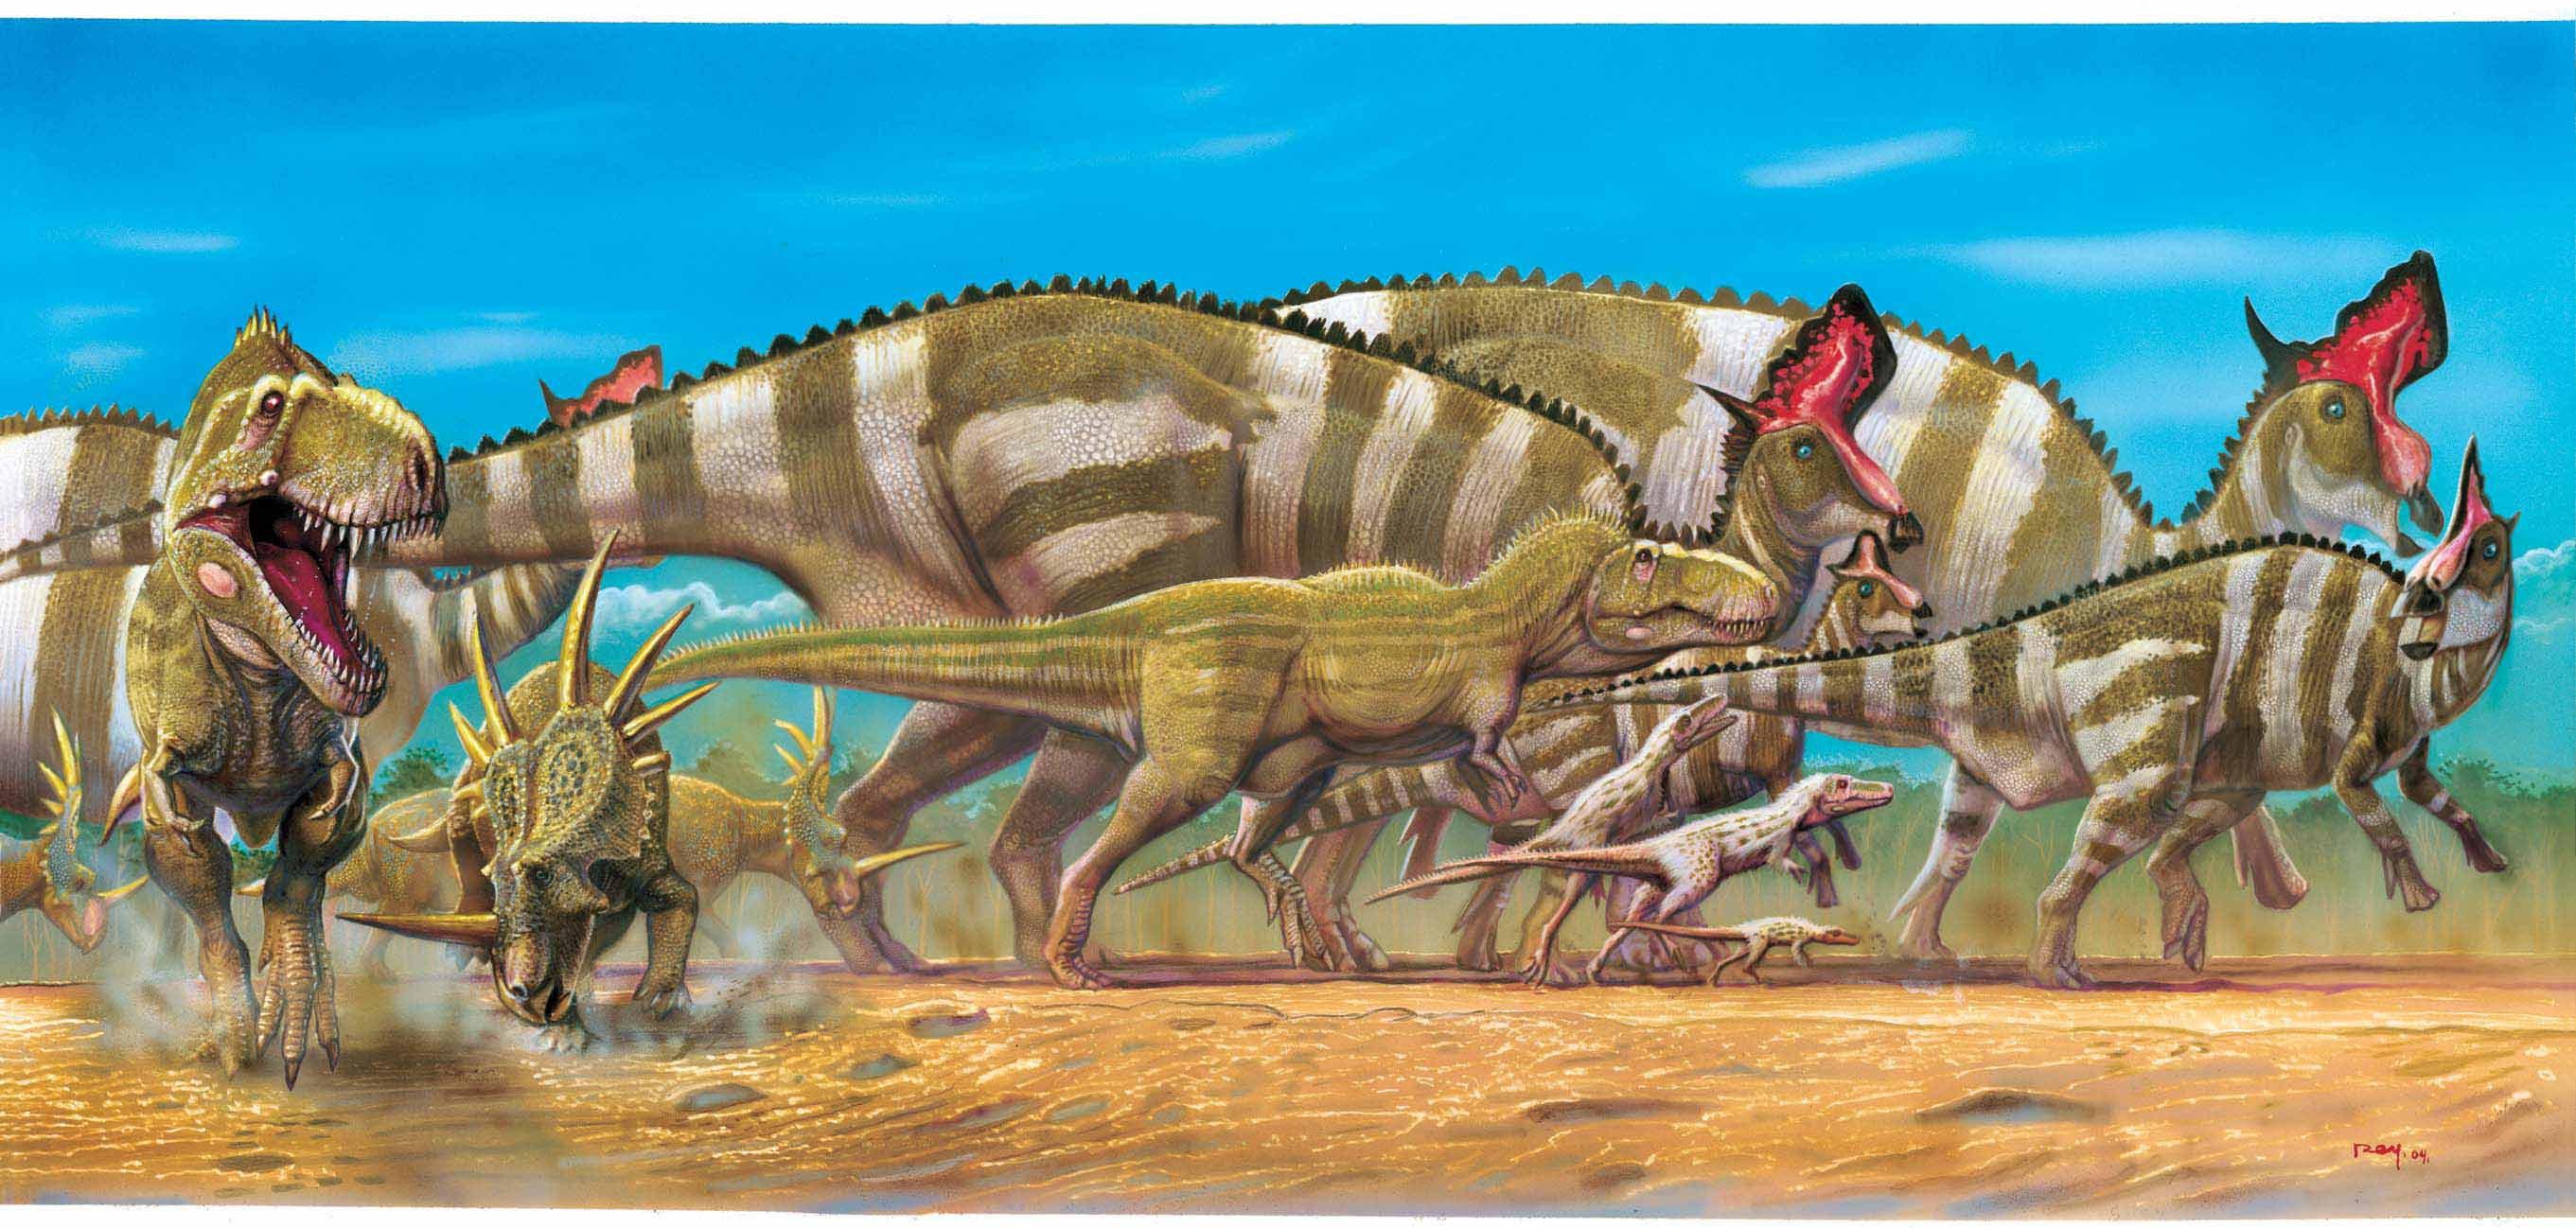 Mnozí dinosauři byli zřejmě pohybliví živočichové s aktivním metabolismem a schopností rychlé lokomoce. Zde stádo migrujících kachnozobých lambeosaurů a ceratopsidů styrakosaurů, obtěžovaných smečkou velkých tyranosauridních t